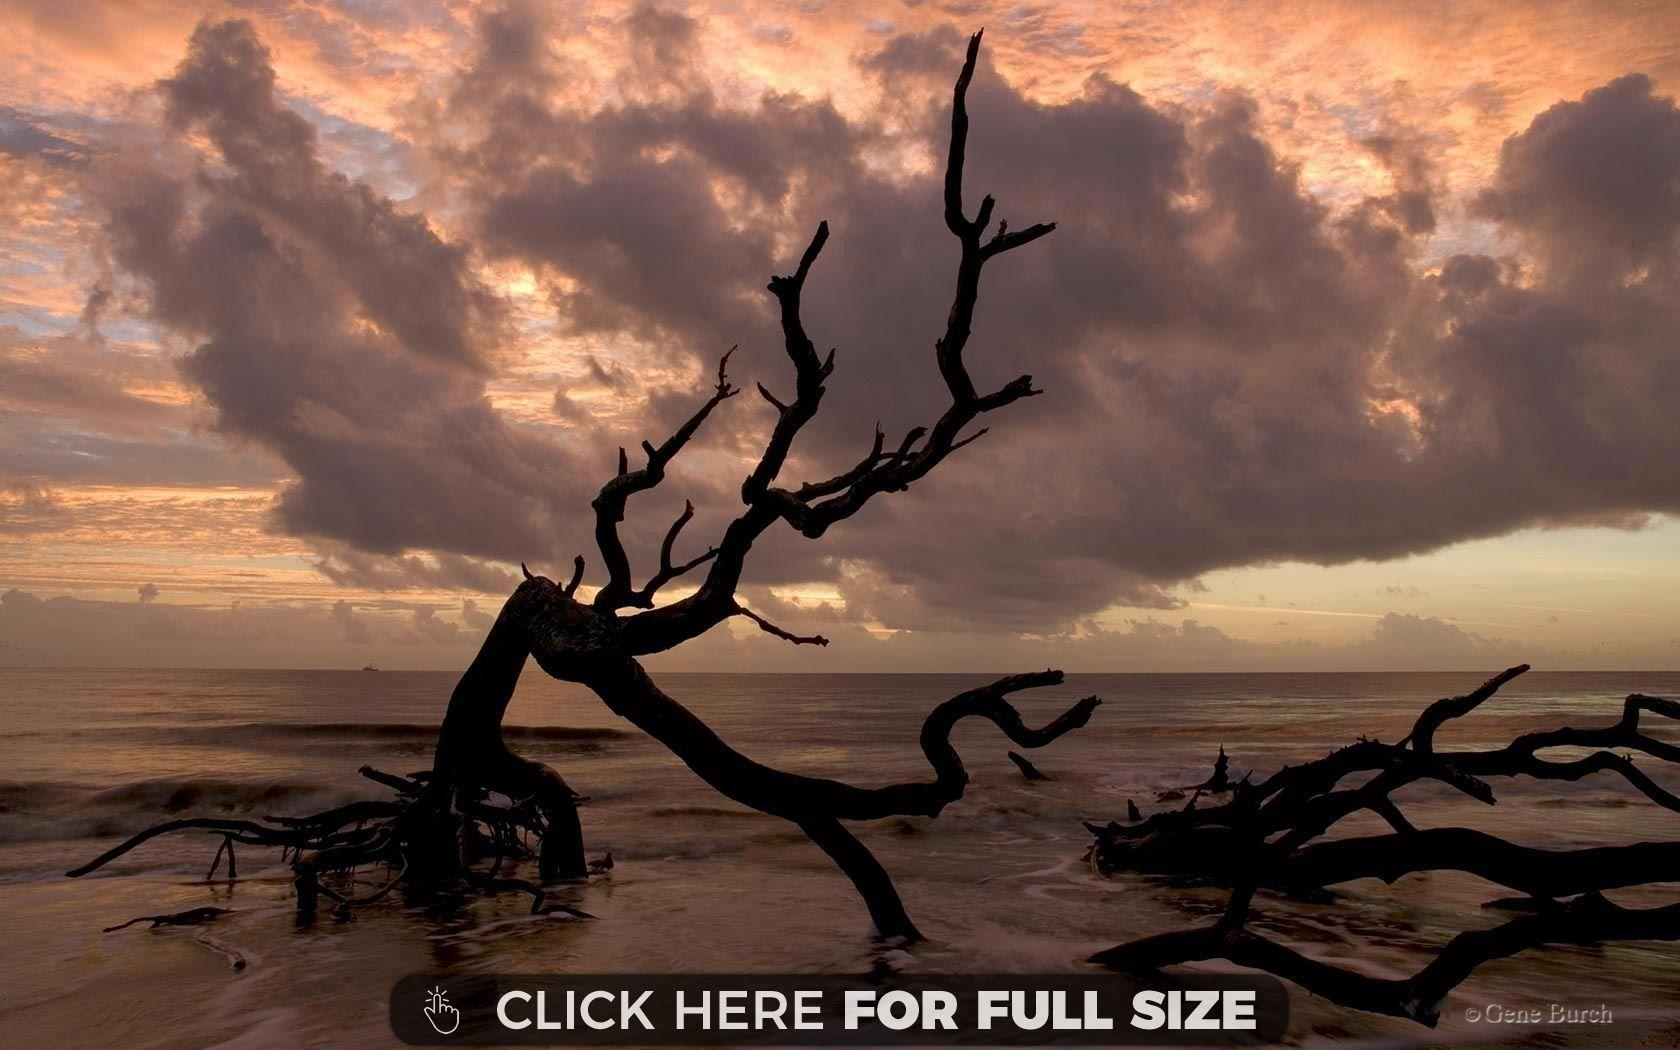 Dead Trees on Beach Nature wallpaper, Beach wallpaper